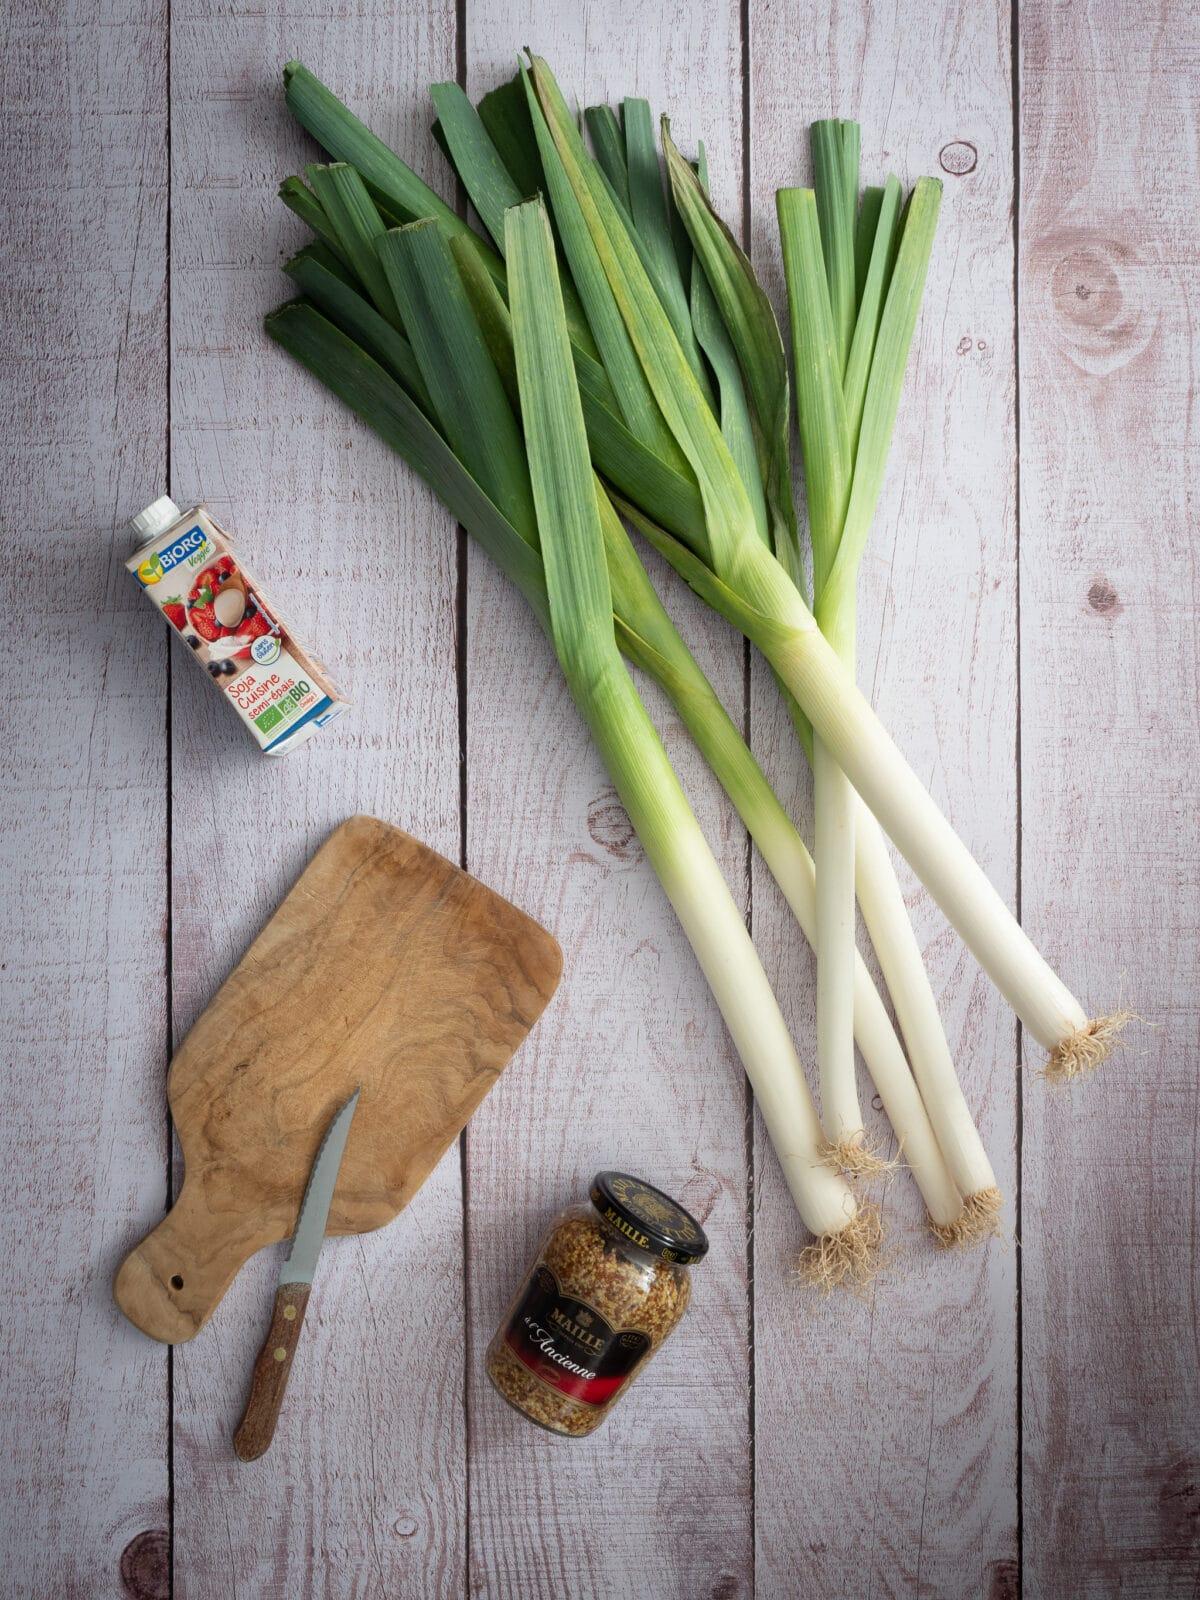 poireaux creme de soja et moutarde a l ancienne ingredients pour une recette de fondue de poireaux